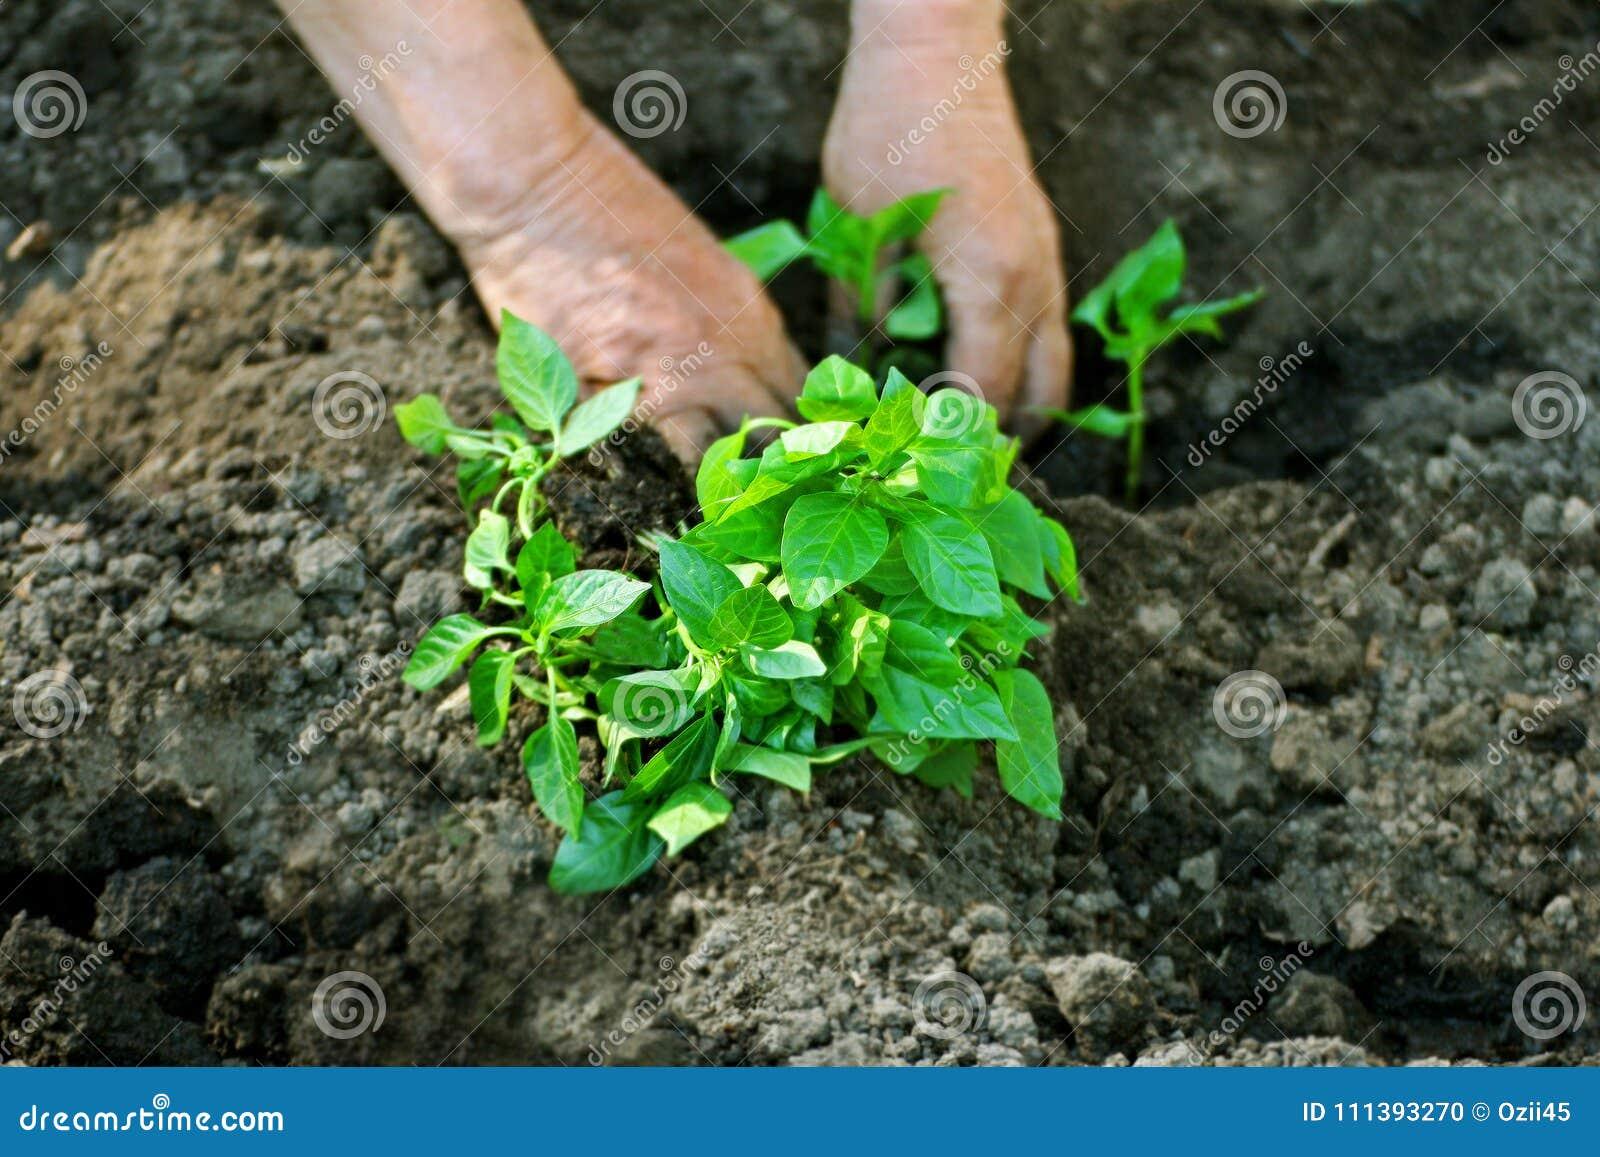 Man planting seedlings.